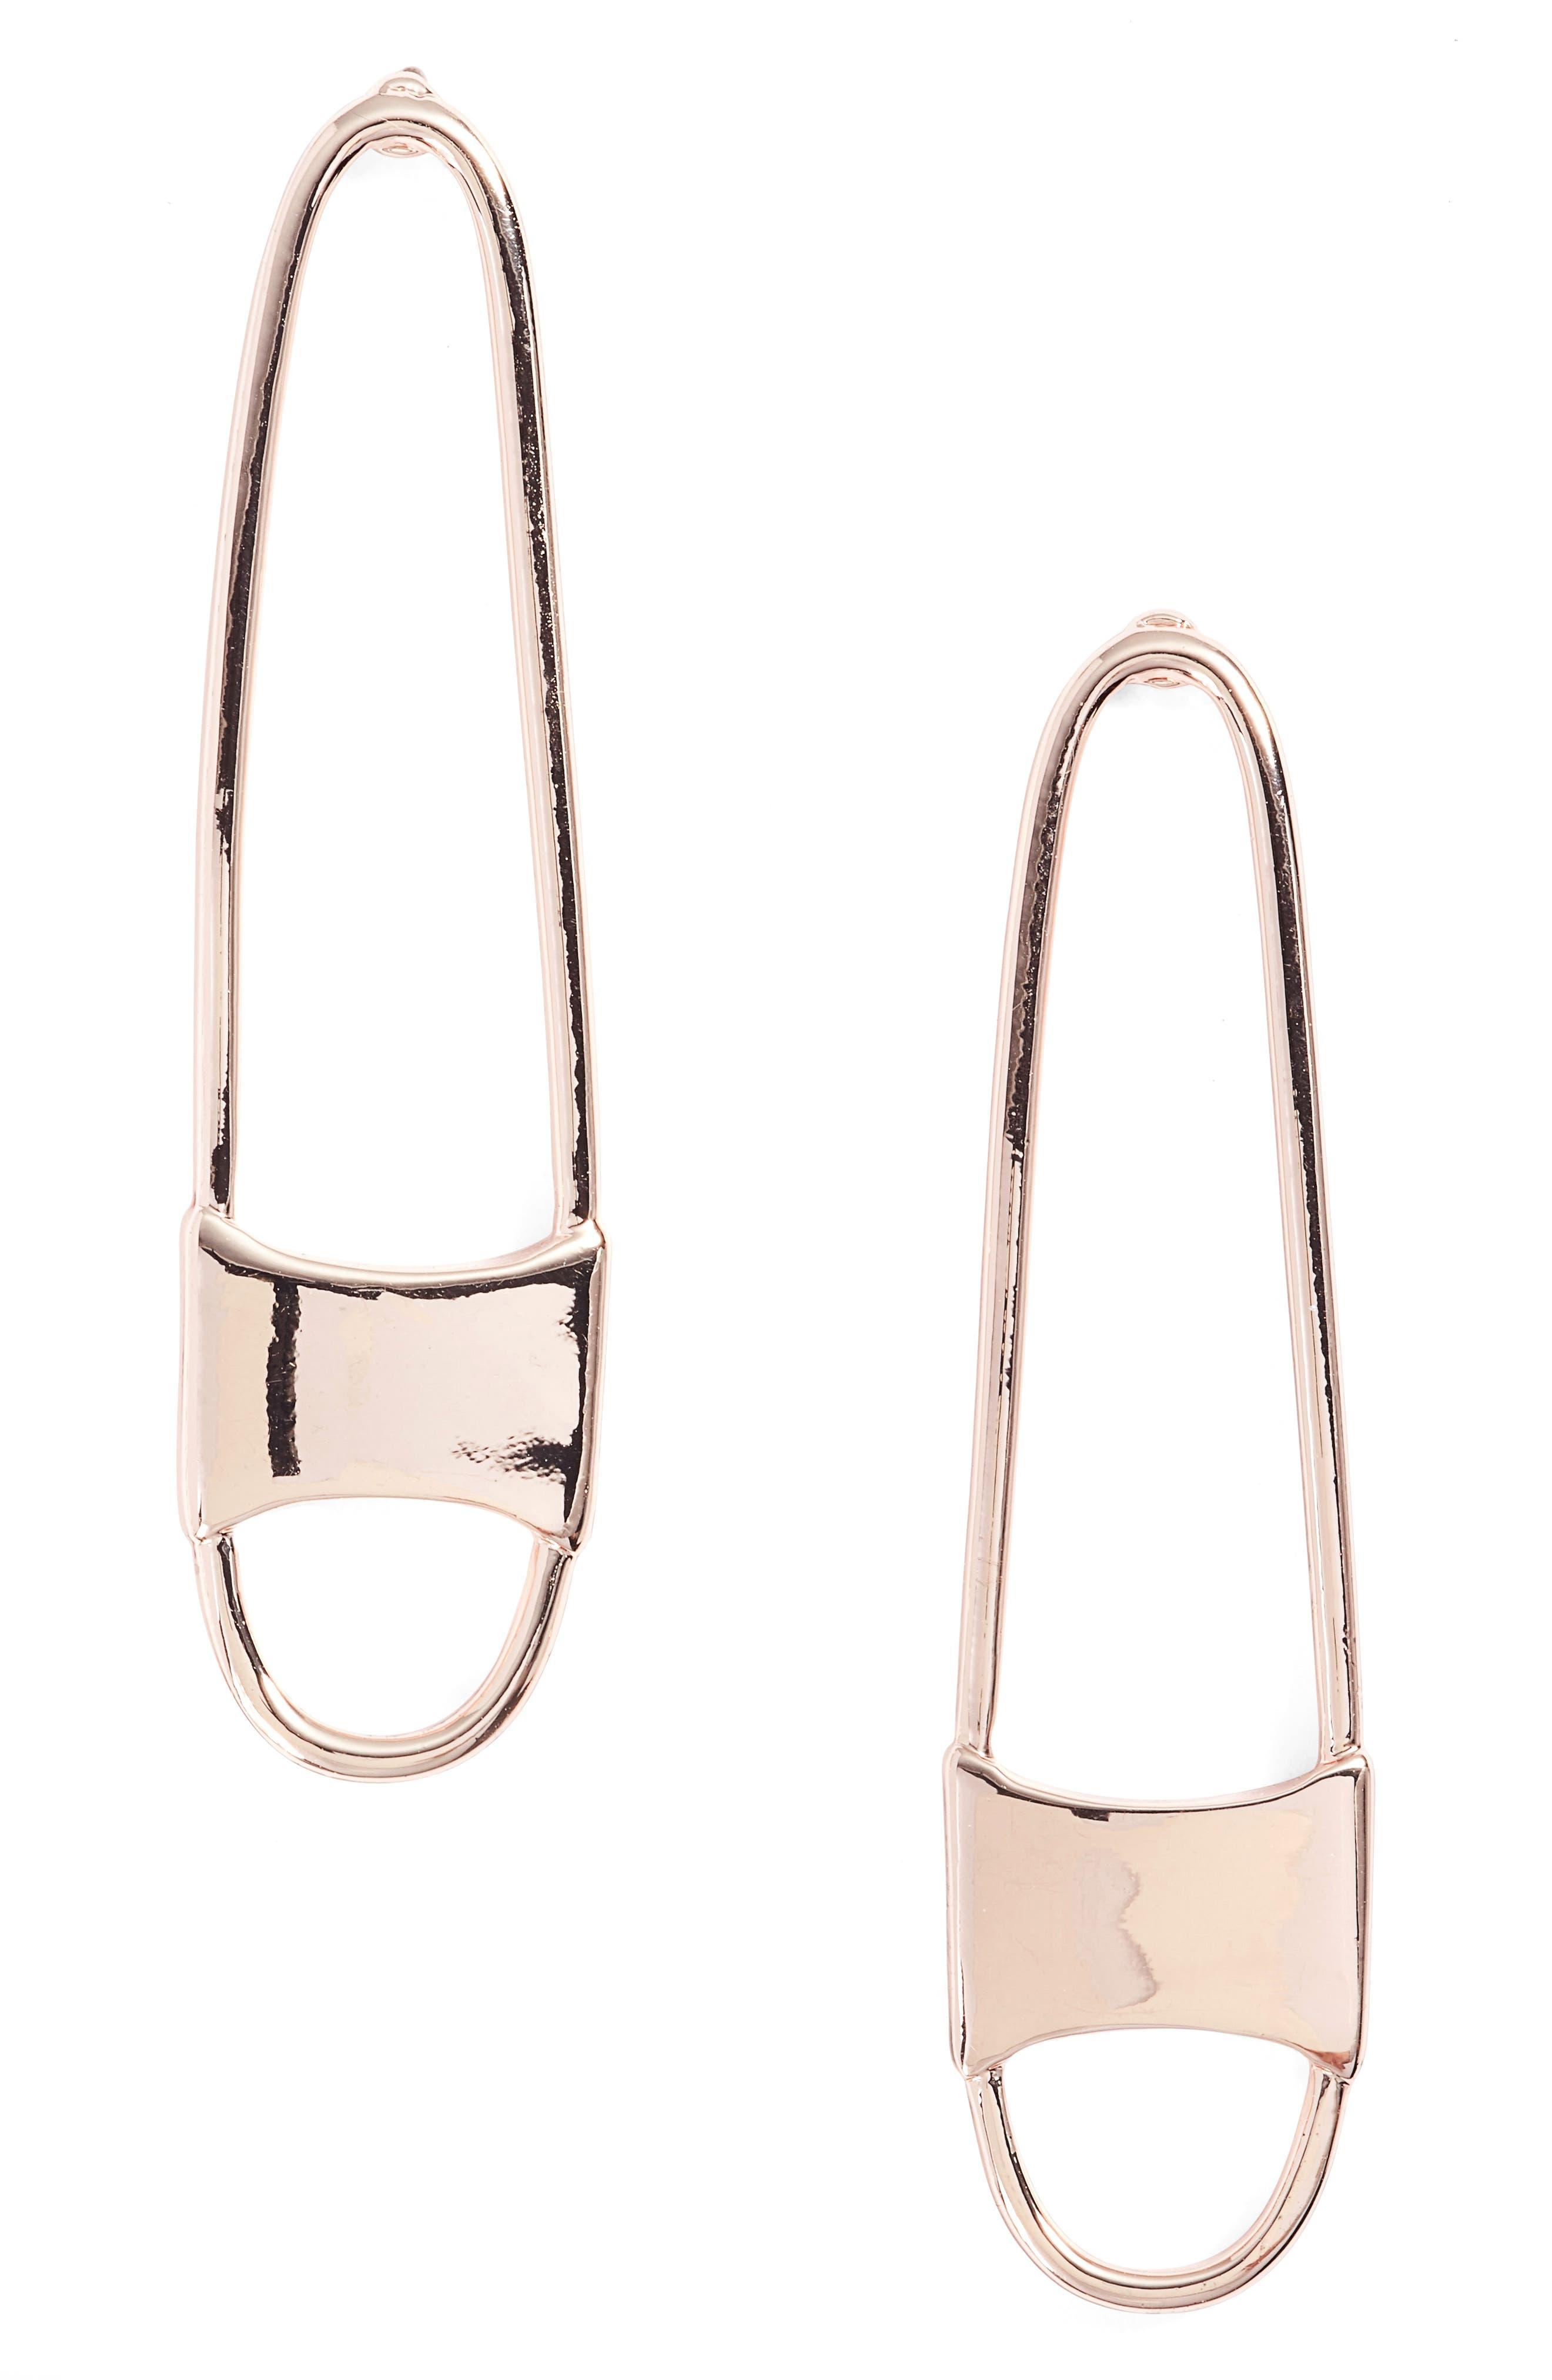 Runway Pin Drop Earrings,                             Main thumbnail 1, color,                             Rose Gold